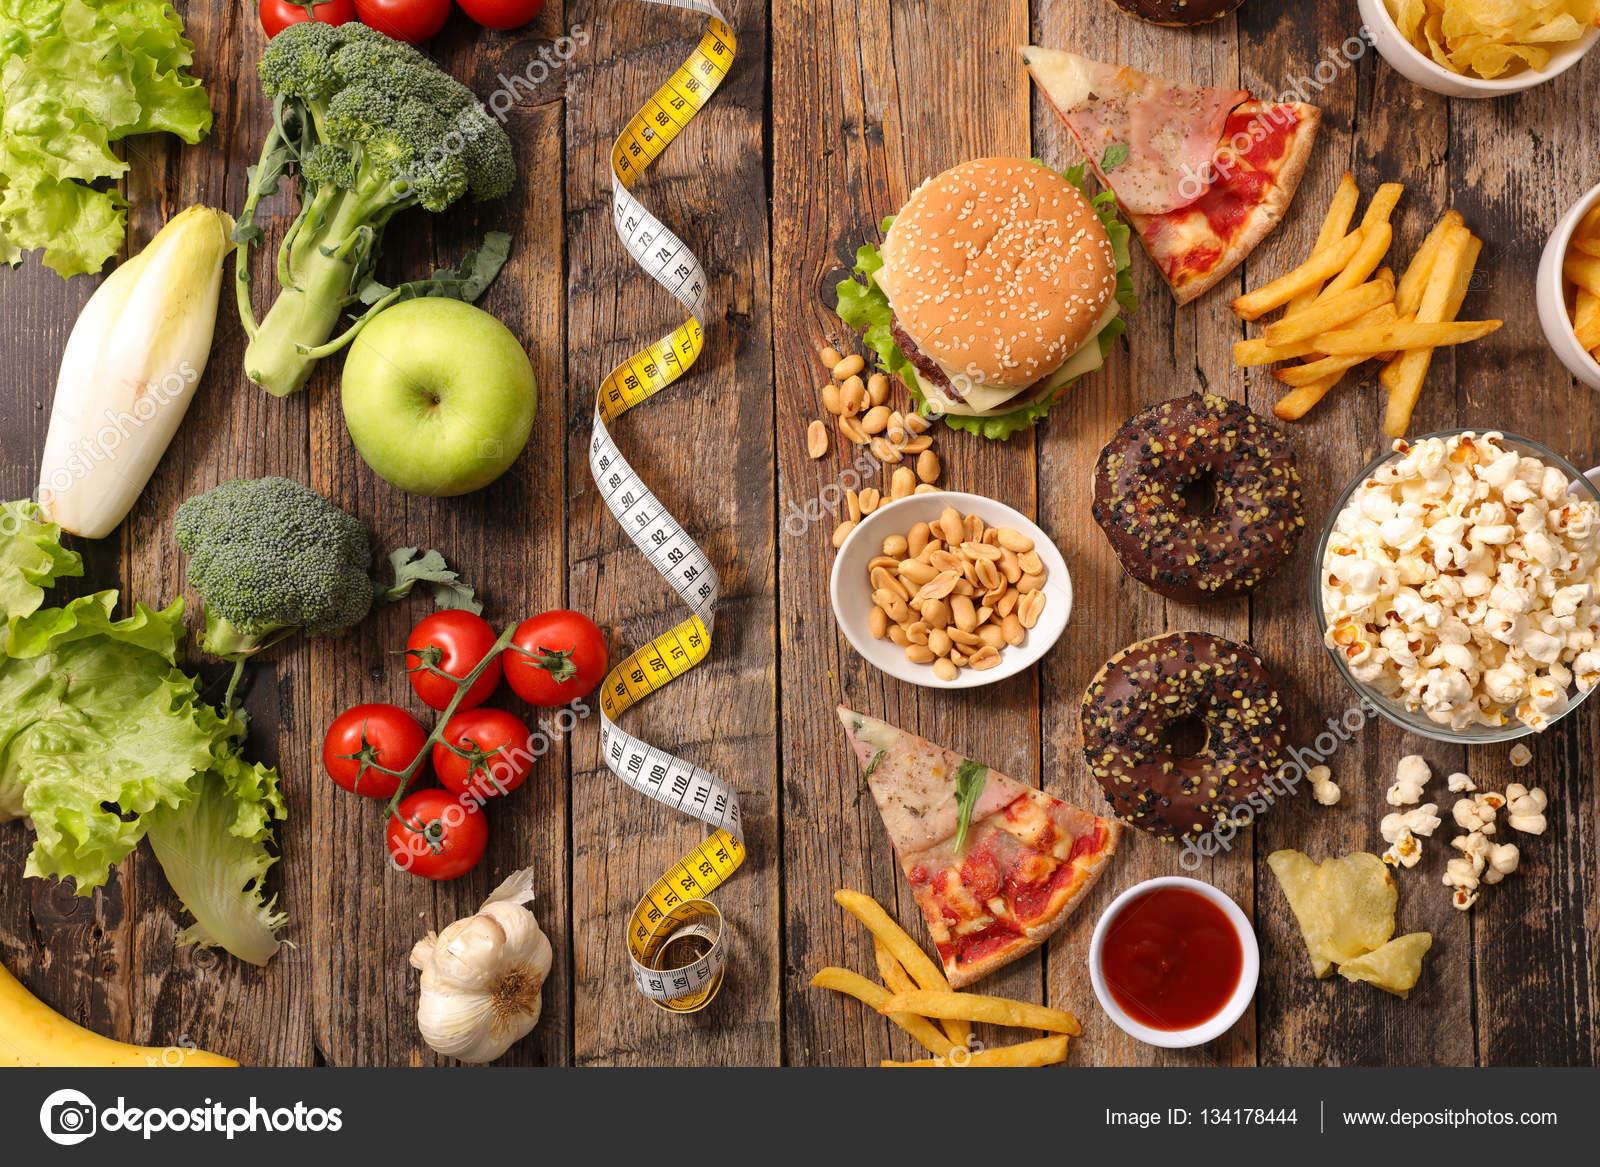 Junk Food Dangers To Health